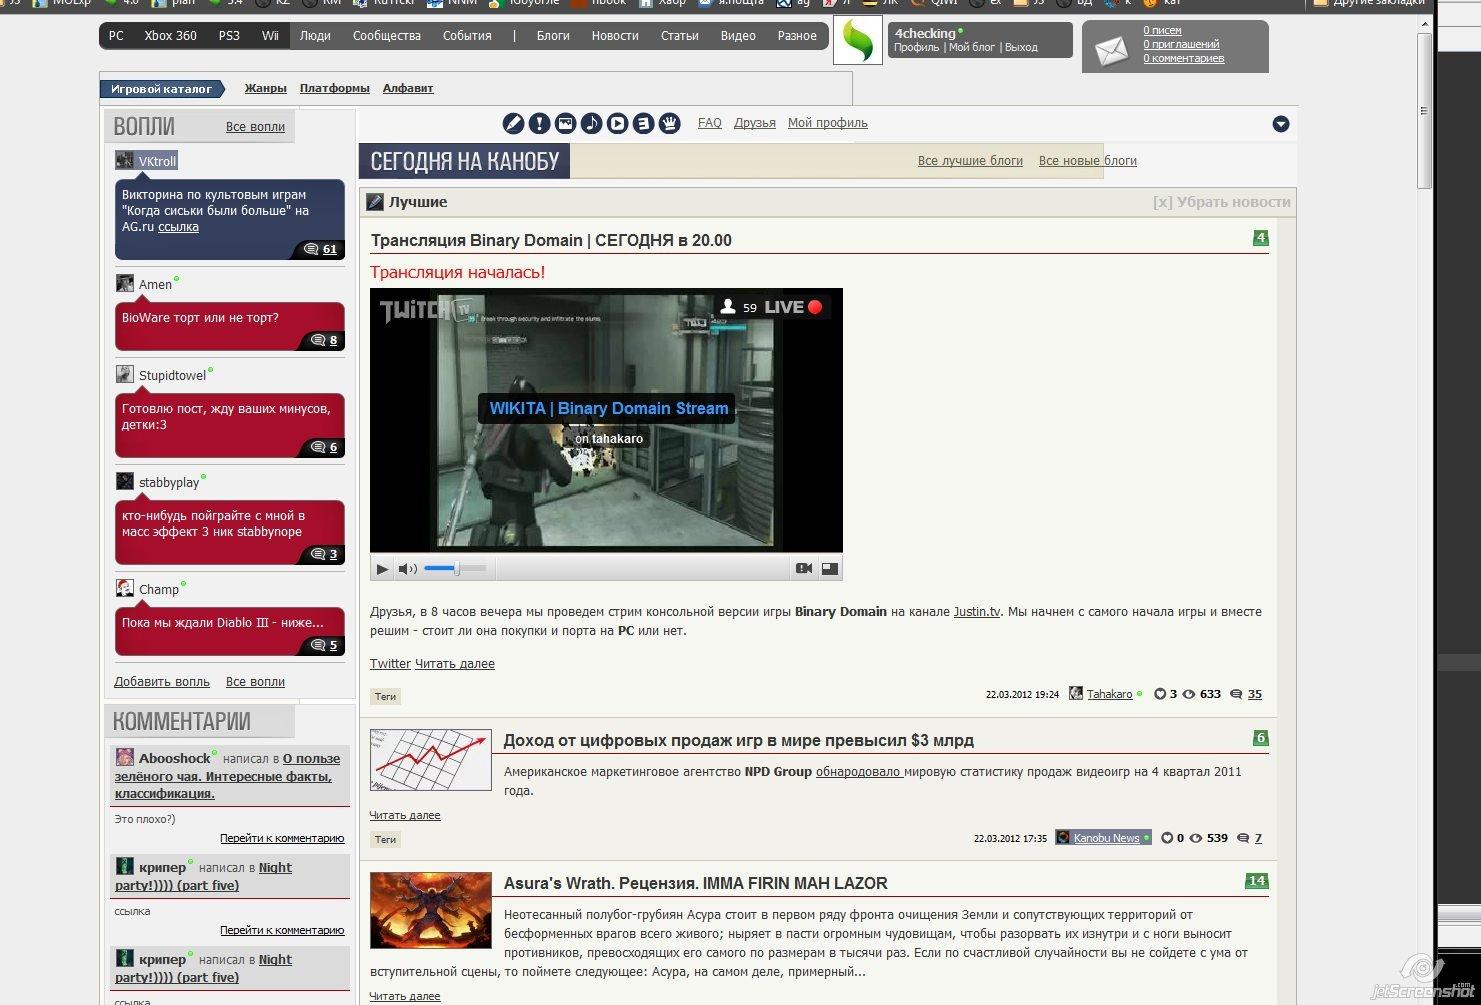 Пост в «Паб» от 22.03.2012 - Изображение 1